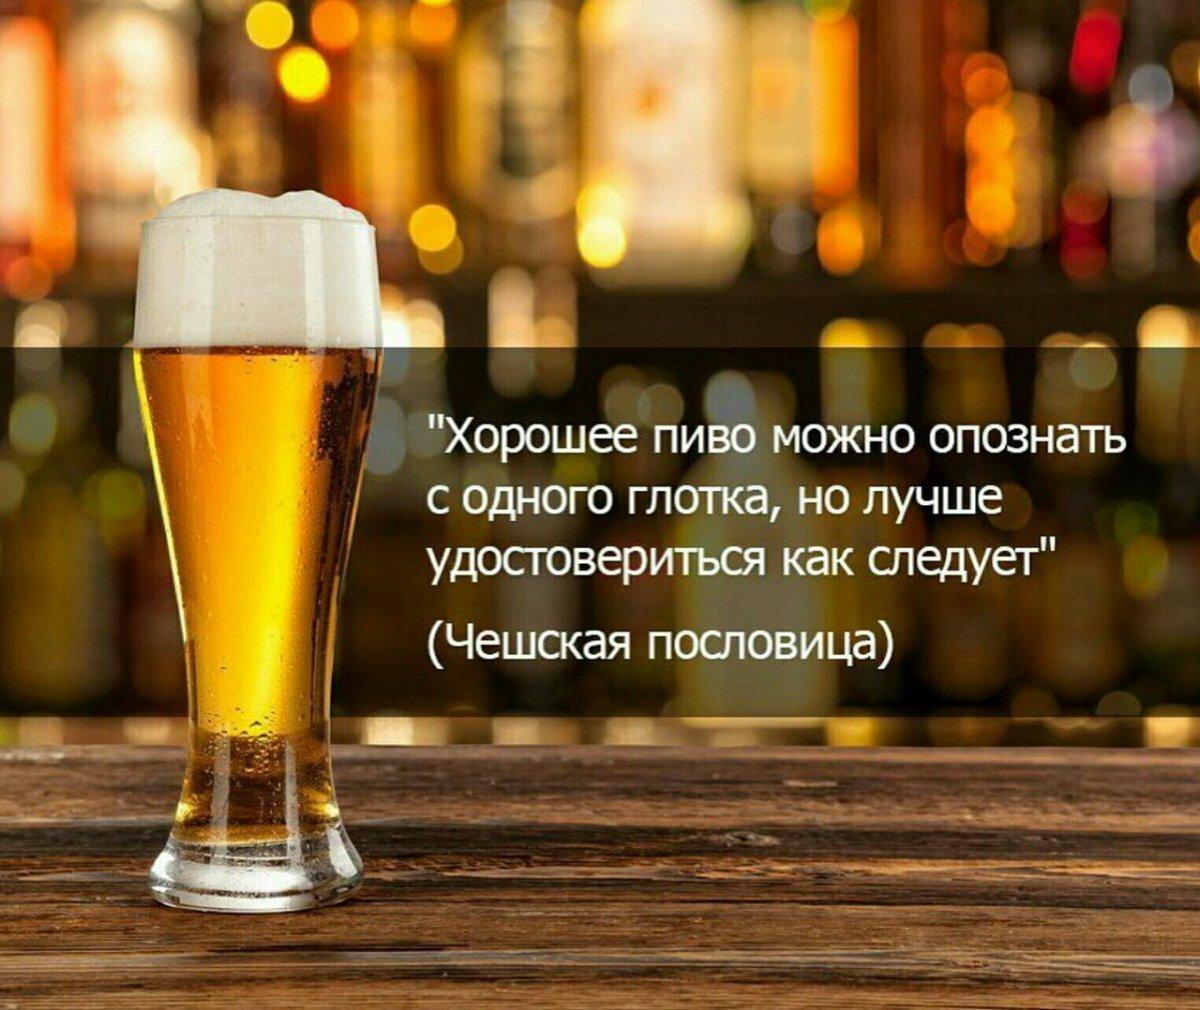 Пиво приколы в картинках, вторым